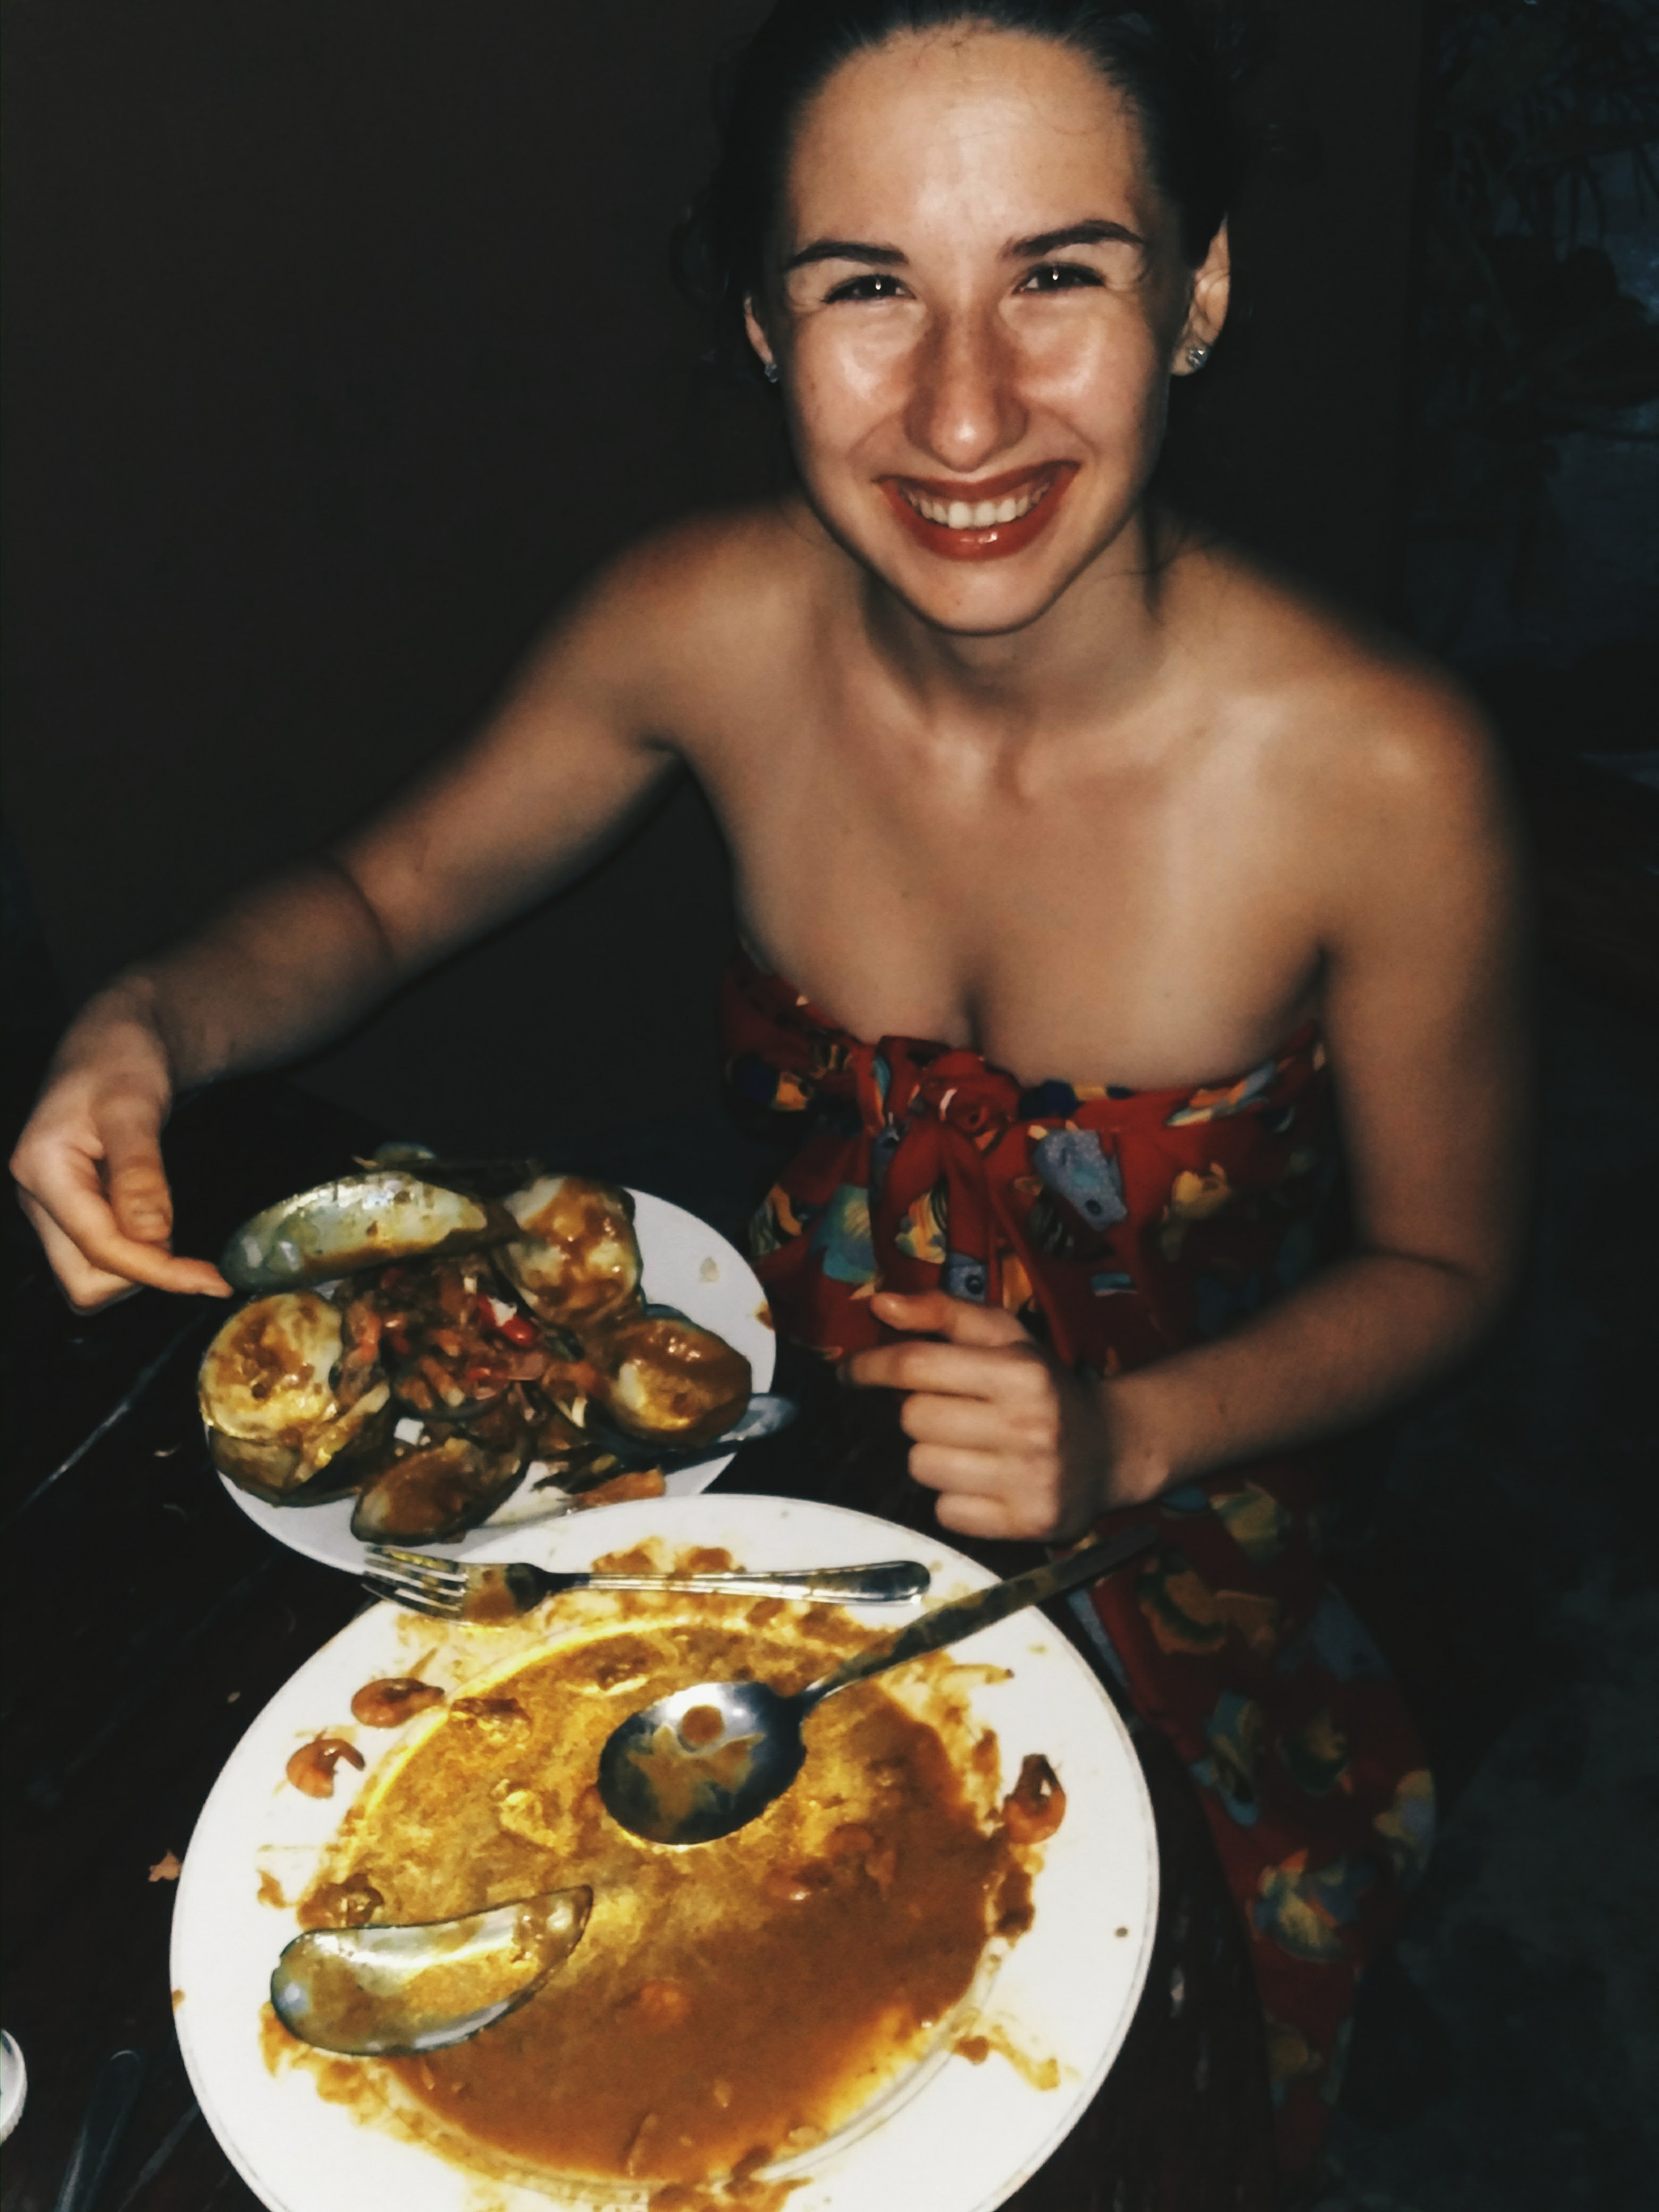 JEDLO: Filipínci jedla veľa ryže a mäsa. Tieto dve suroviny tvoria asi 70% ich stravy. Dopĺňajú ich chipsami a sladkým. Našťastie majú aj morské plody, ktoré sú u nich čerstvé a oveľa lacnejšie ako tu u nás. Ak ste v pohode s jedením mäsa a ryže každý deň, v lokálnych reštauráciách - carinderiách, kde sa podáva vopred navarené jedlo ako u nás obedné menučka - sa v na Palawane najete od 80 centov do 1,20€ vrátane mäsa a ryže. Ak budete chcieť niečo európske, prípadne si objednať z menu, priplatíte si, takéto jedlá stoja od 4€ až po 15€.